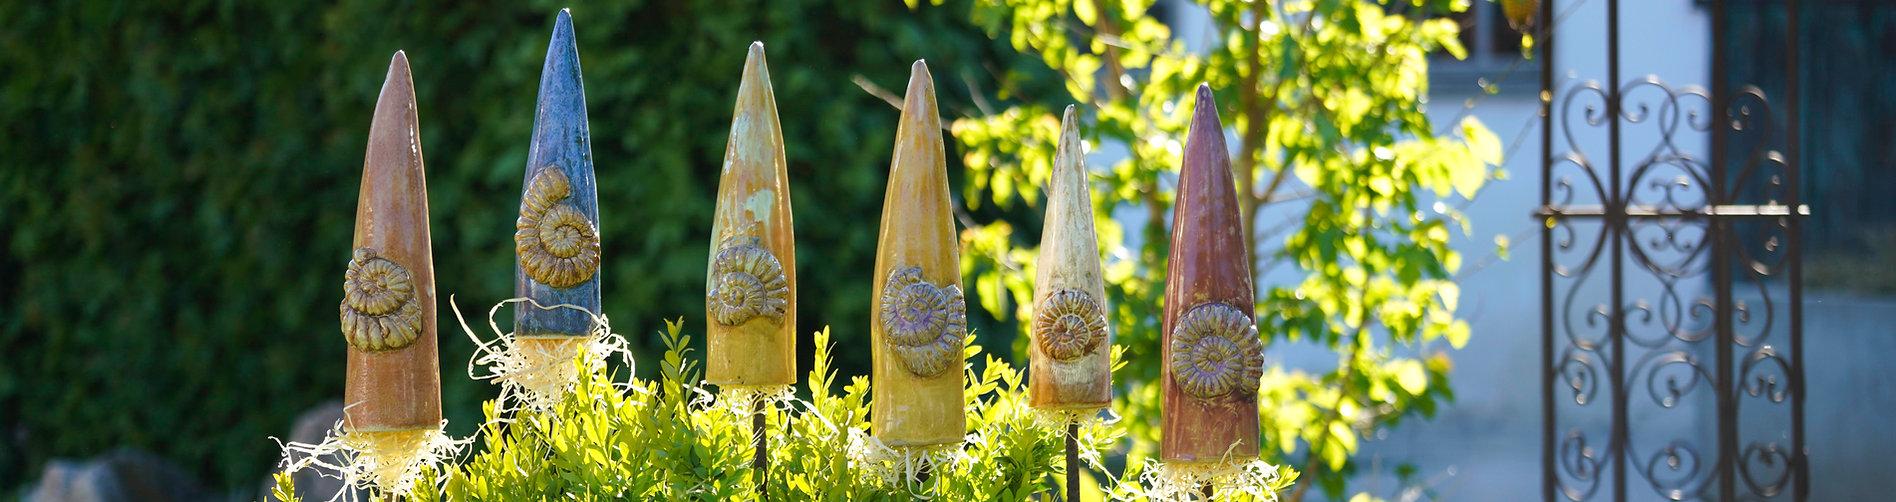 Gartenspitzen Keramik